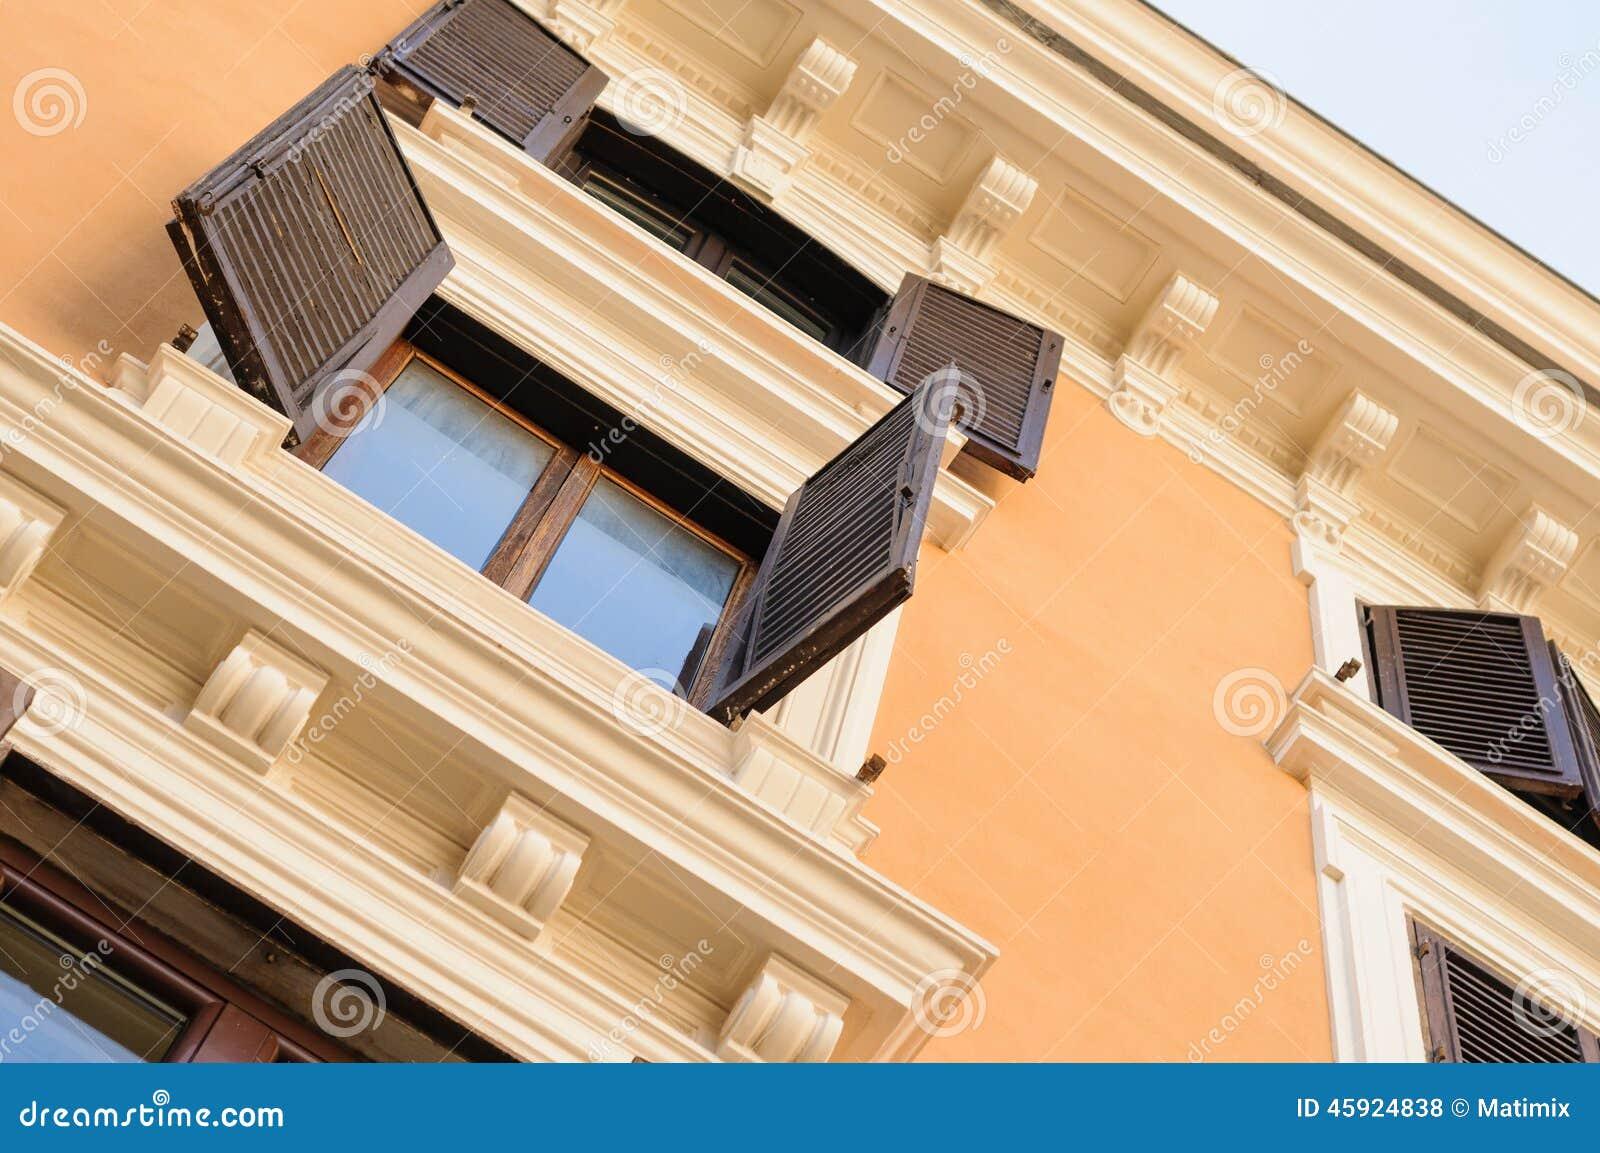 vieille fen tre en bois d 39 appartement photo stock image 45924838. Black Bedroom Furniture Sets. Home Design Ideas